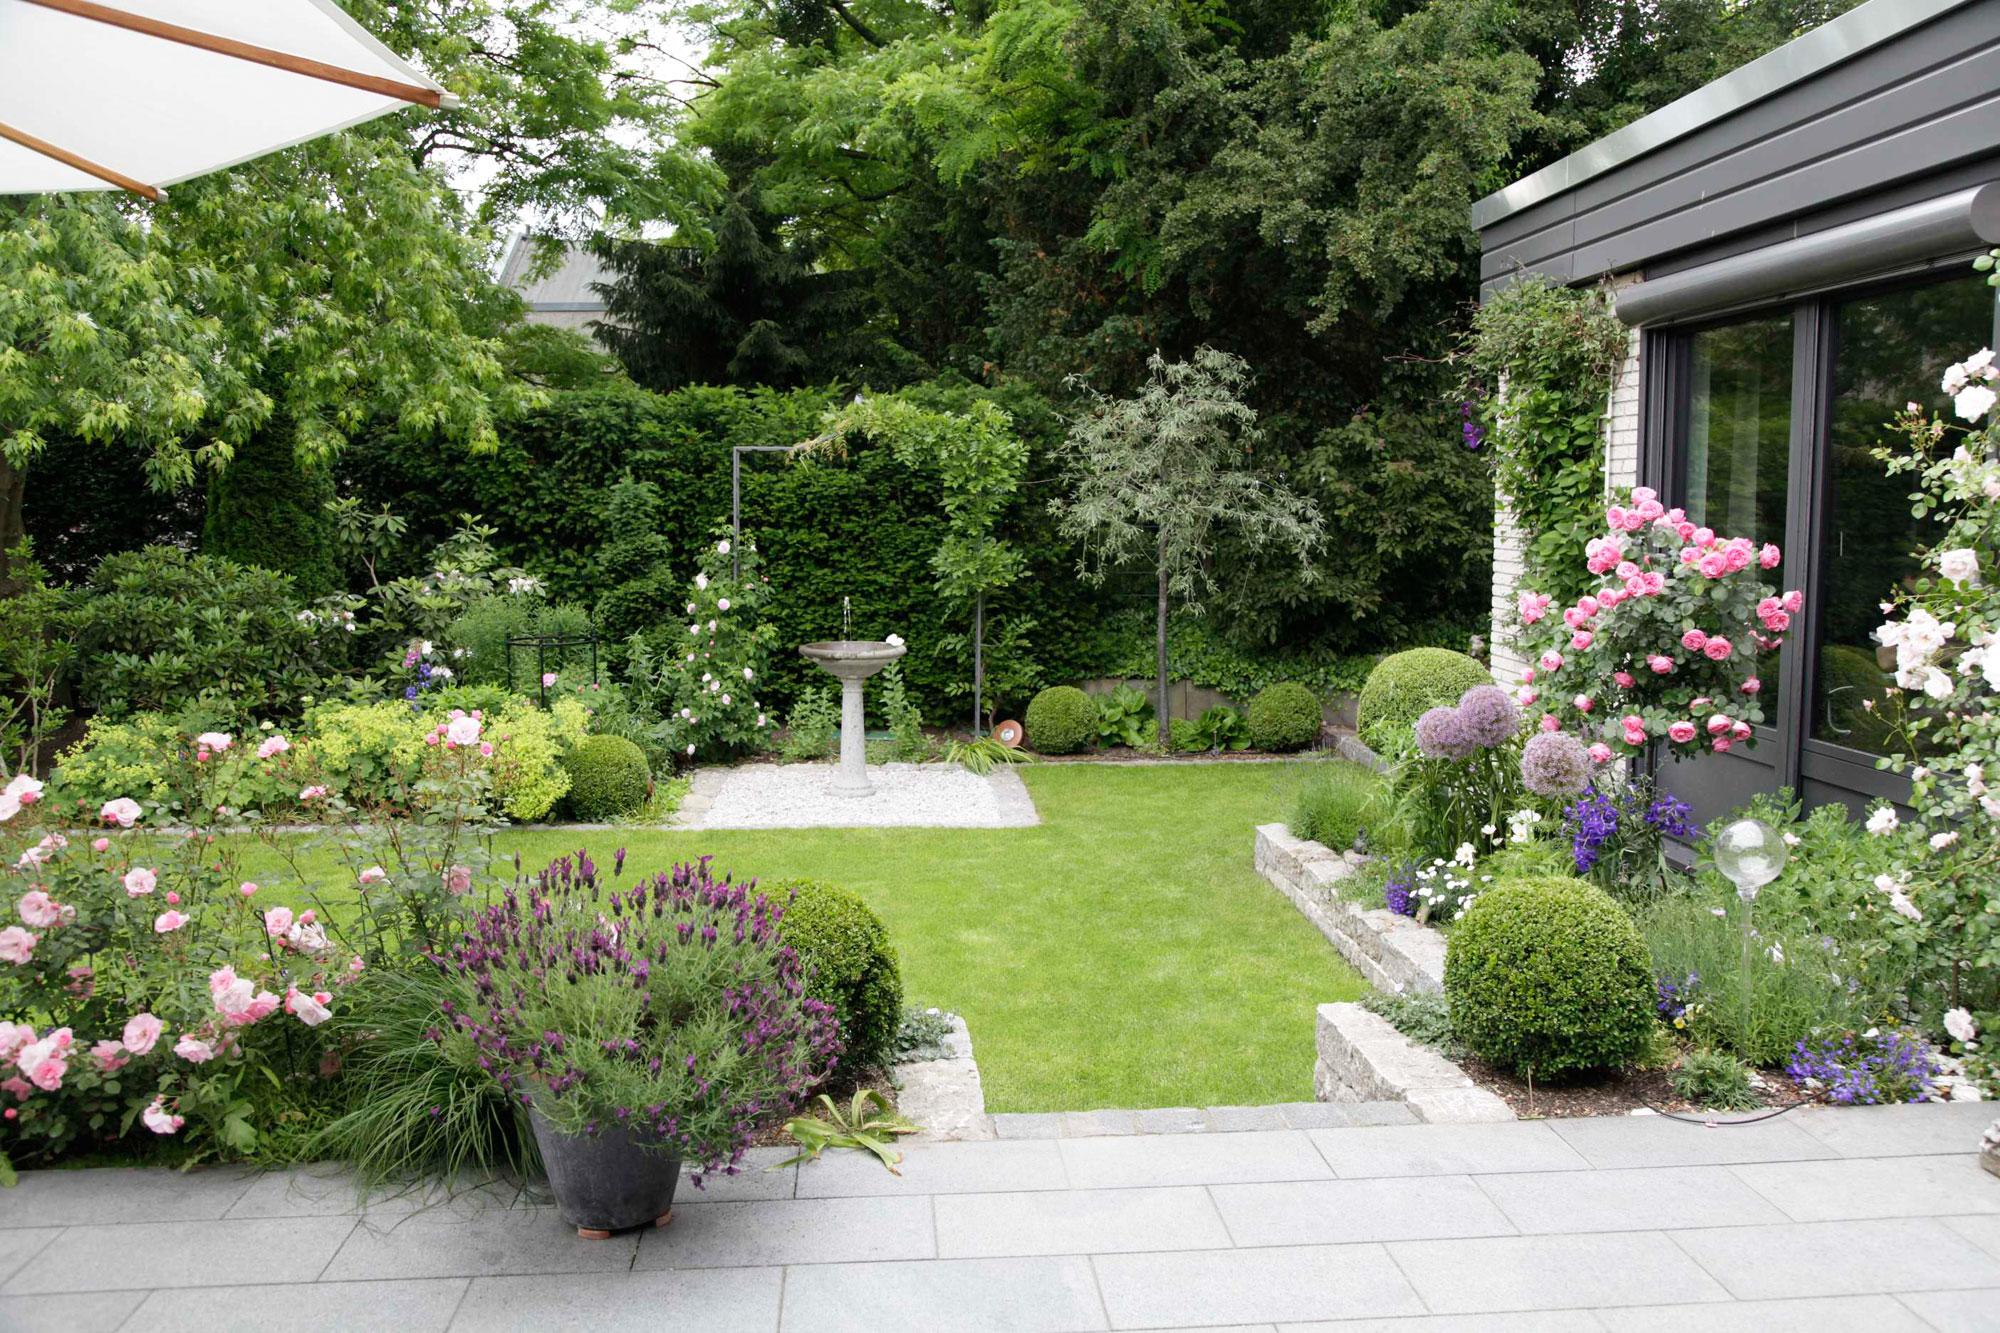 Gartengestaltung g rten von eckhardt gmbh co kg for Landhausgarten deko